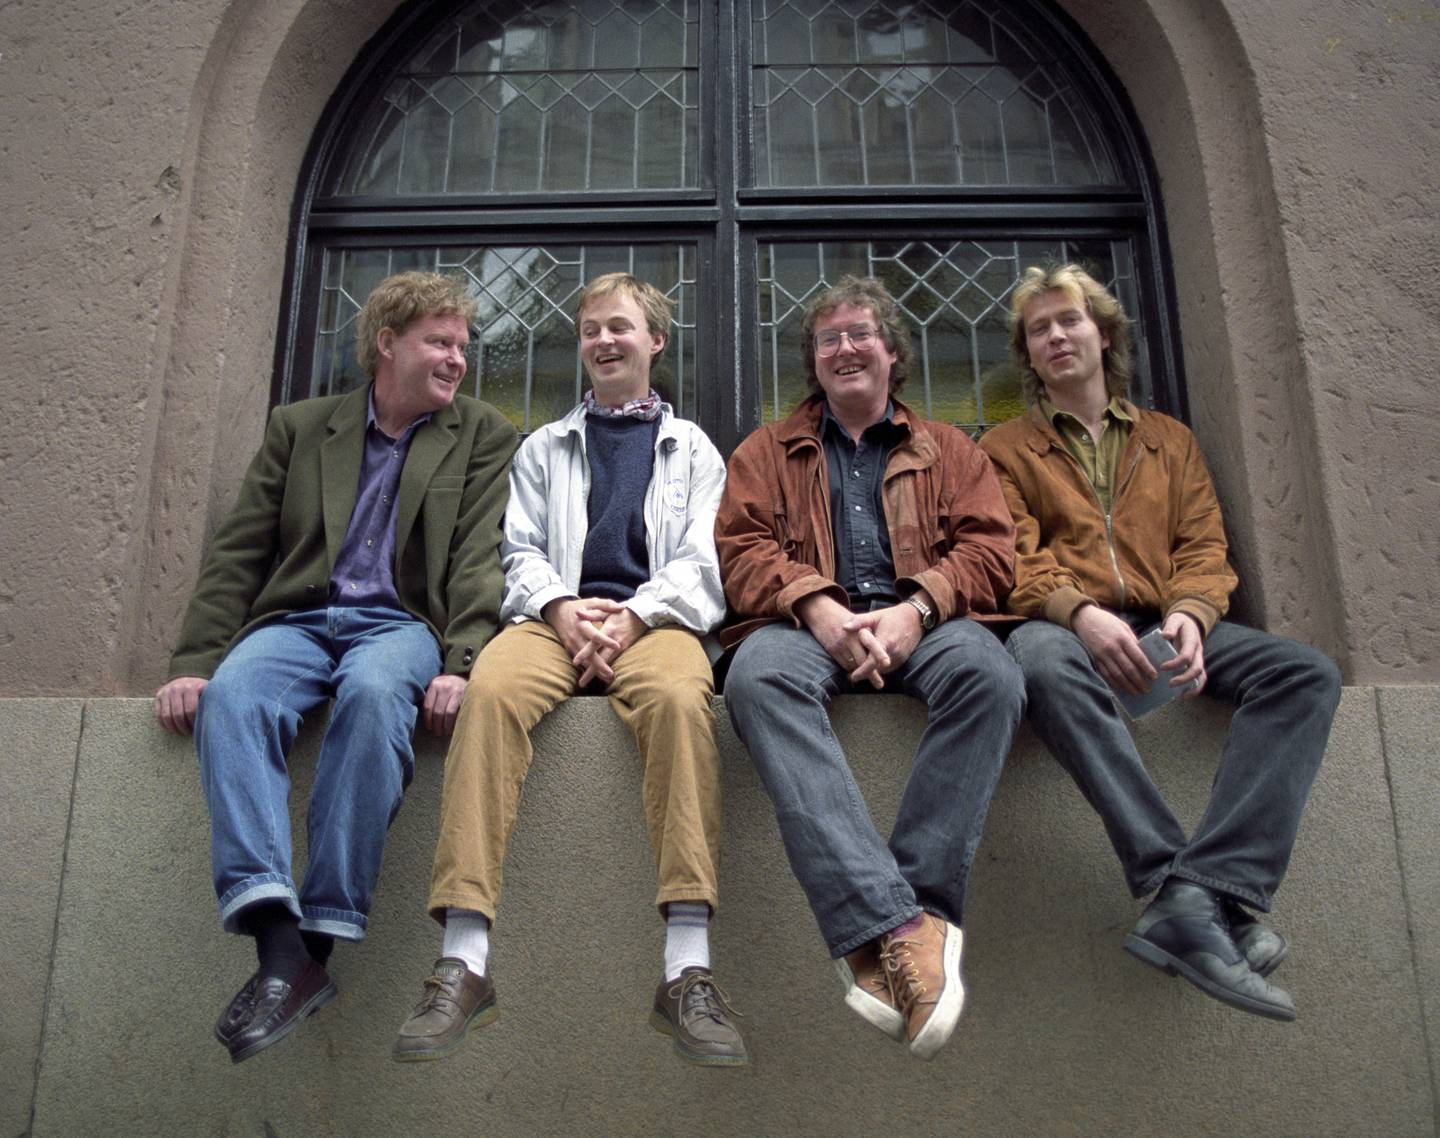 Året er 1991, og jazzbandet Masqualero har nettopp gitt ut ny plate, «Re-Enter». Gruppens medlemmer er f.v.: Jon Christensen, Tore Brunborg, Arild Andersen og Nils Petter Molvær.